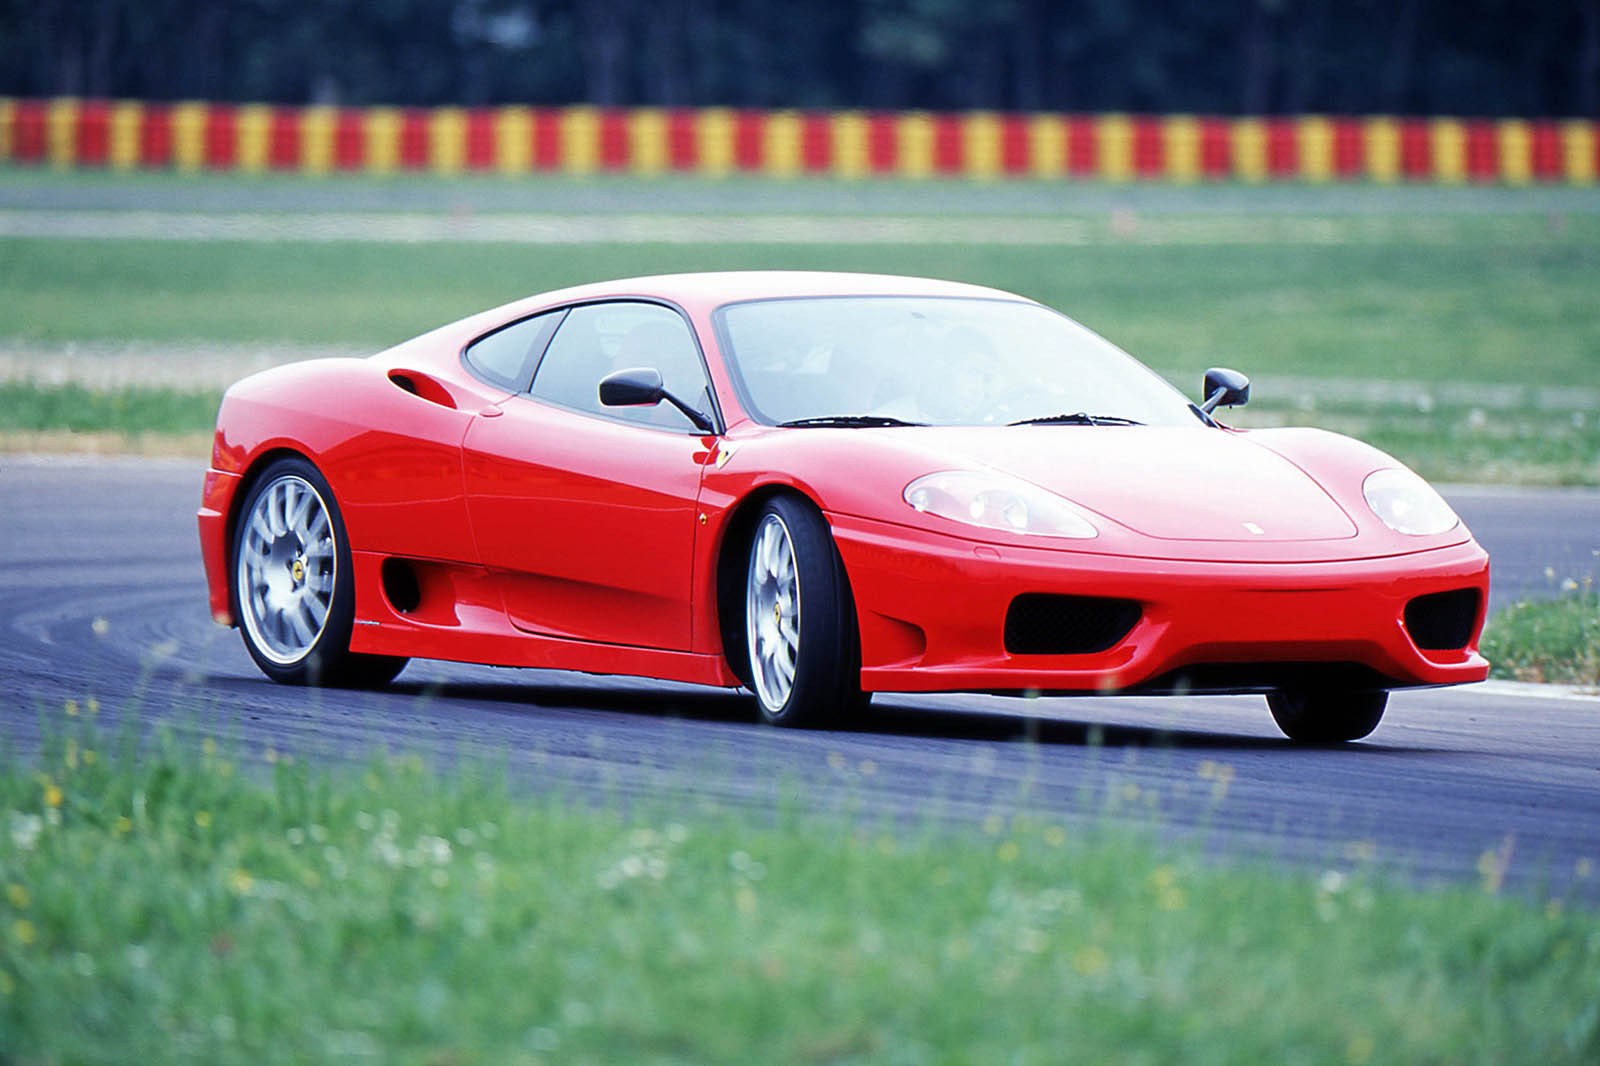 italian_sports_car_0008_01 taciki.ru